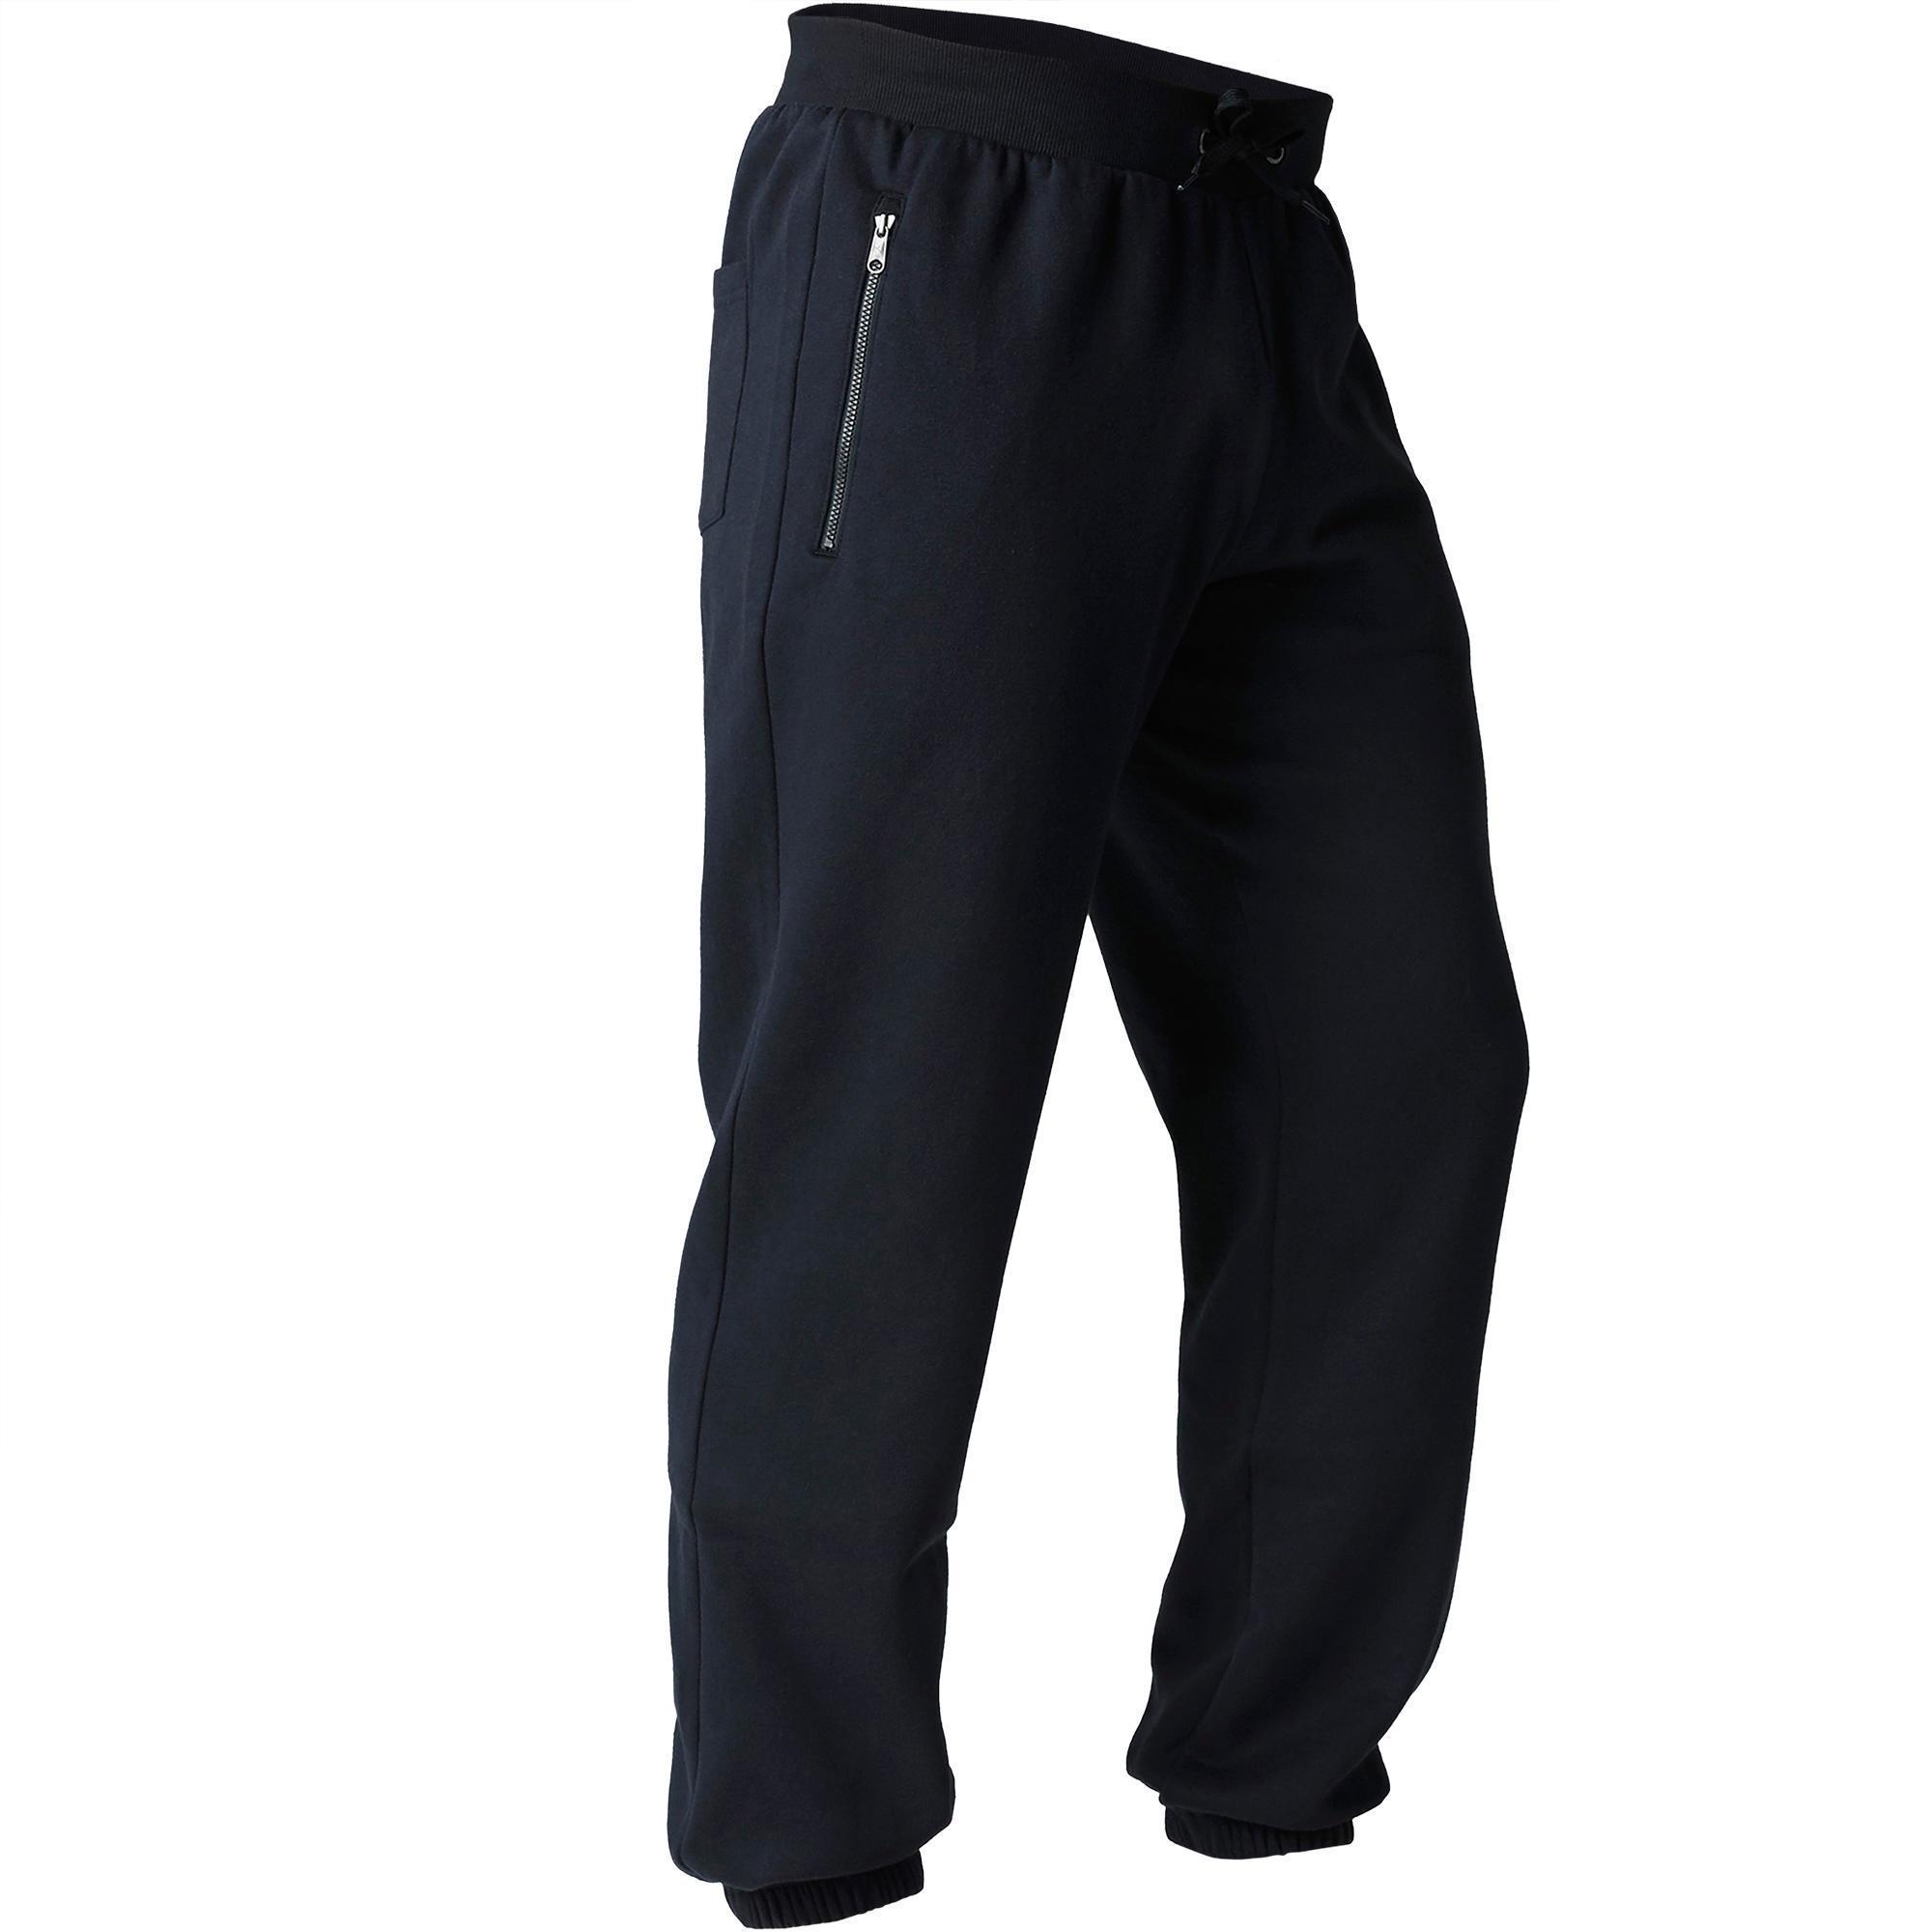 Pantalones Algodón Fitness - Decathlon 15ed762ca3908